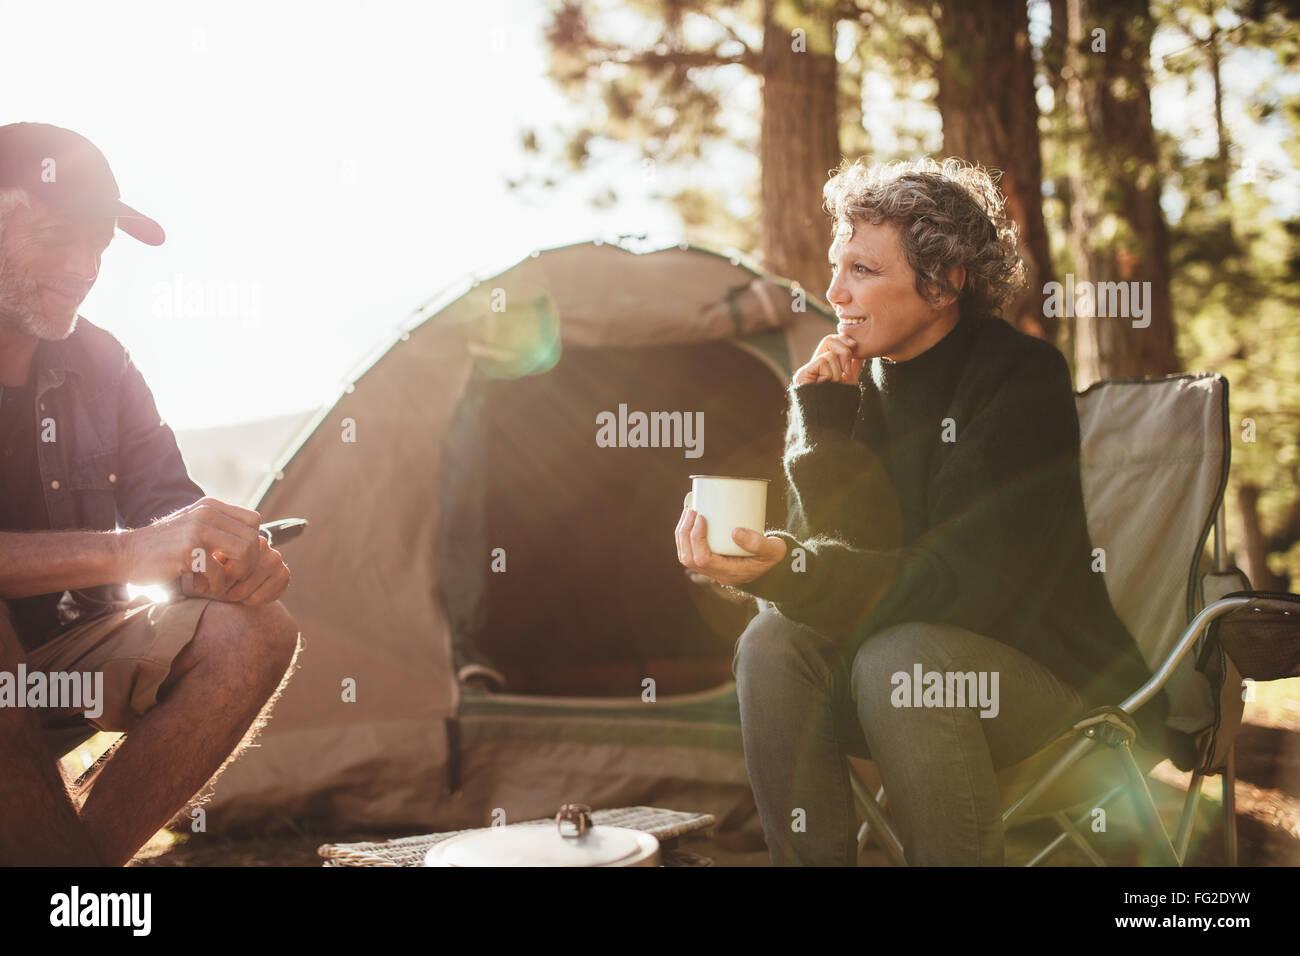 Porträt von entspannt Mitte erwachsenes paar Zelt beim camping in der Nähe am See an einem sonnigen Tag Stockbild